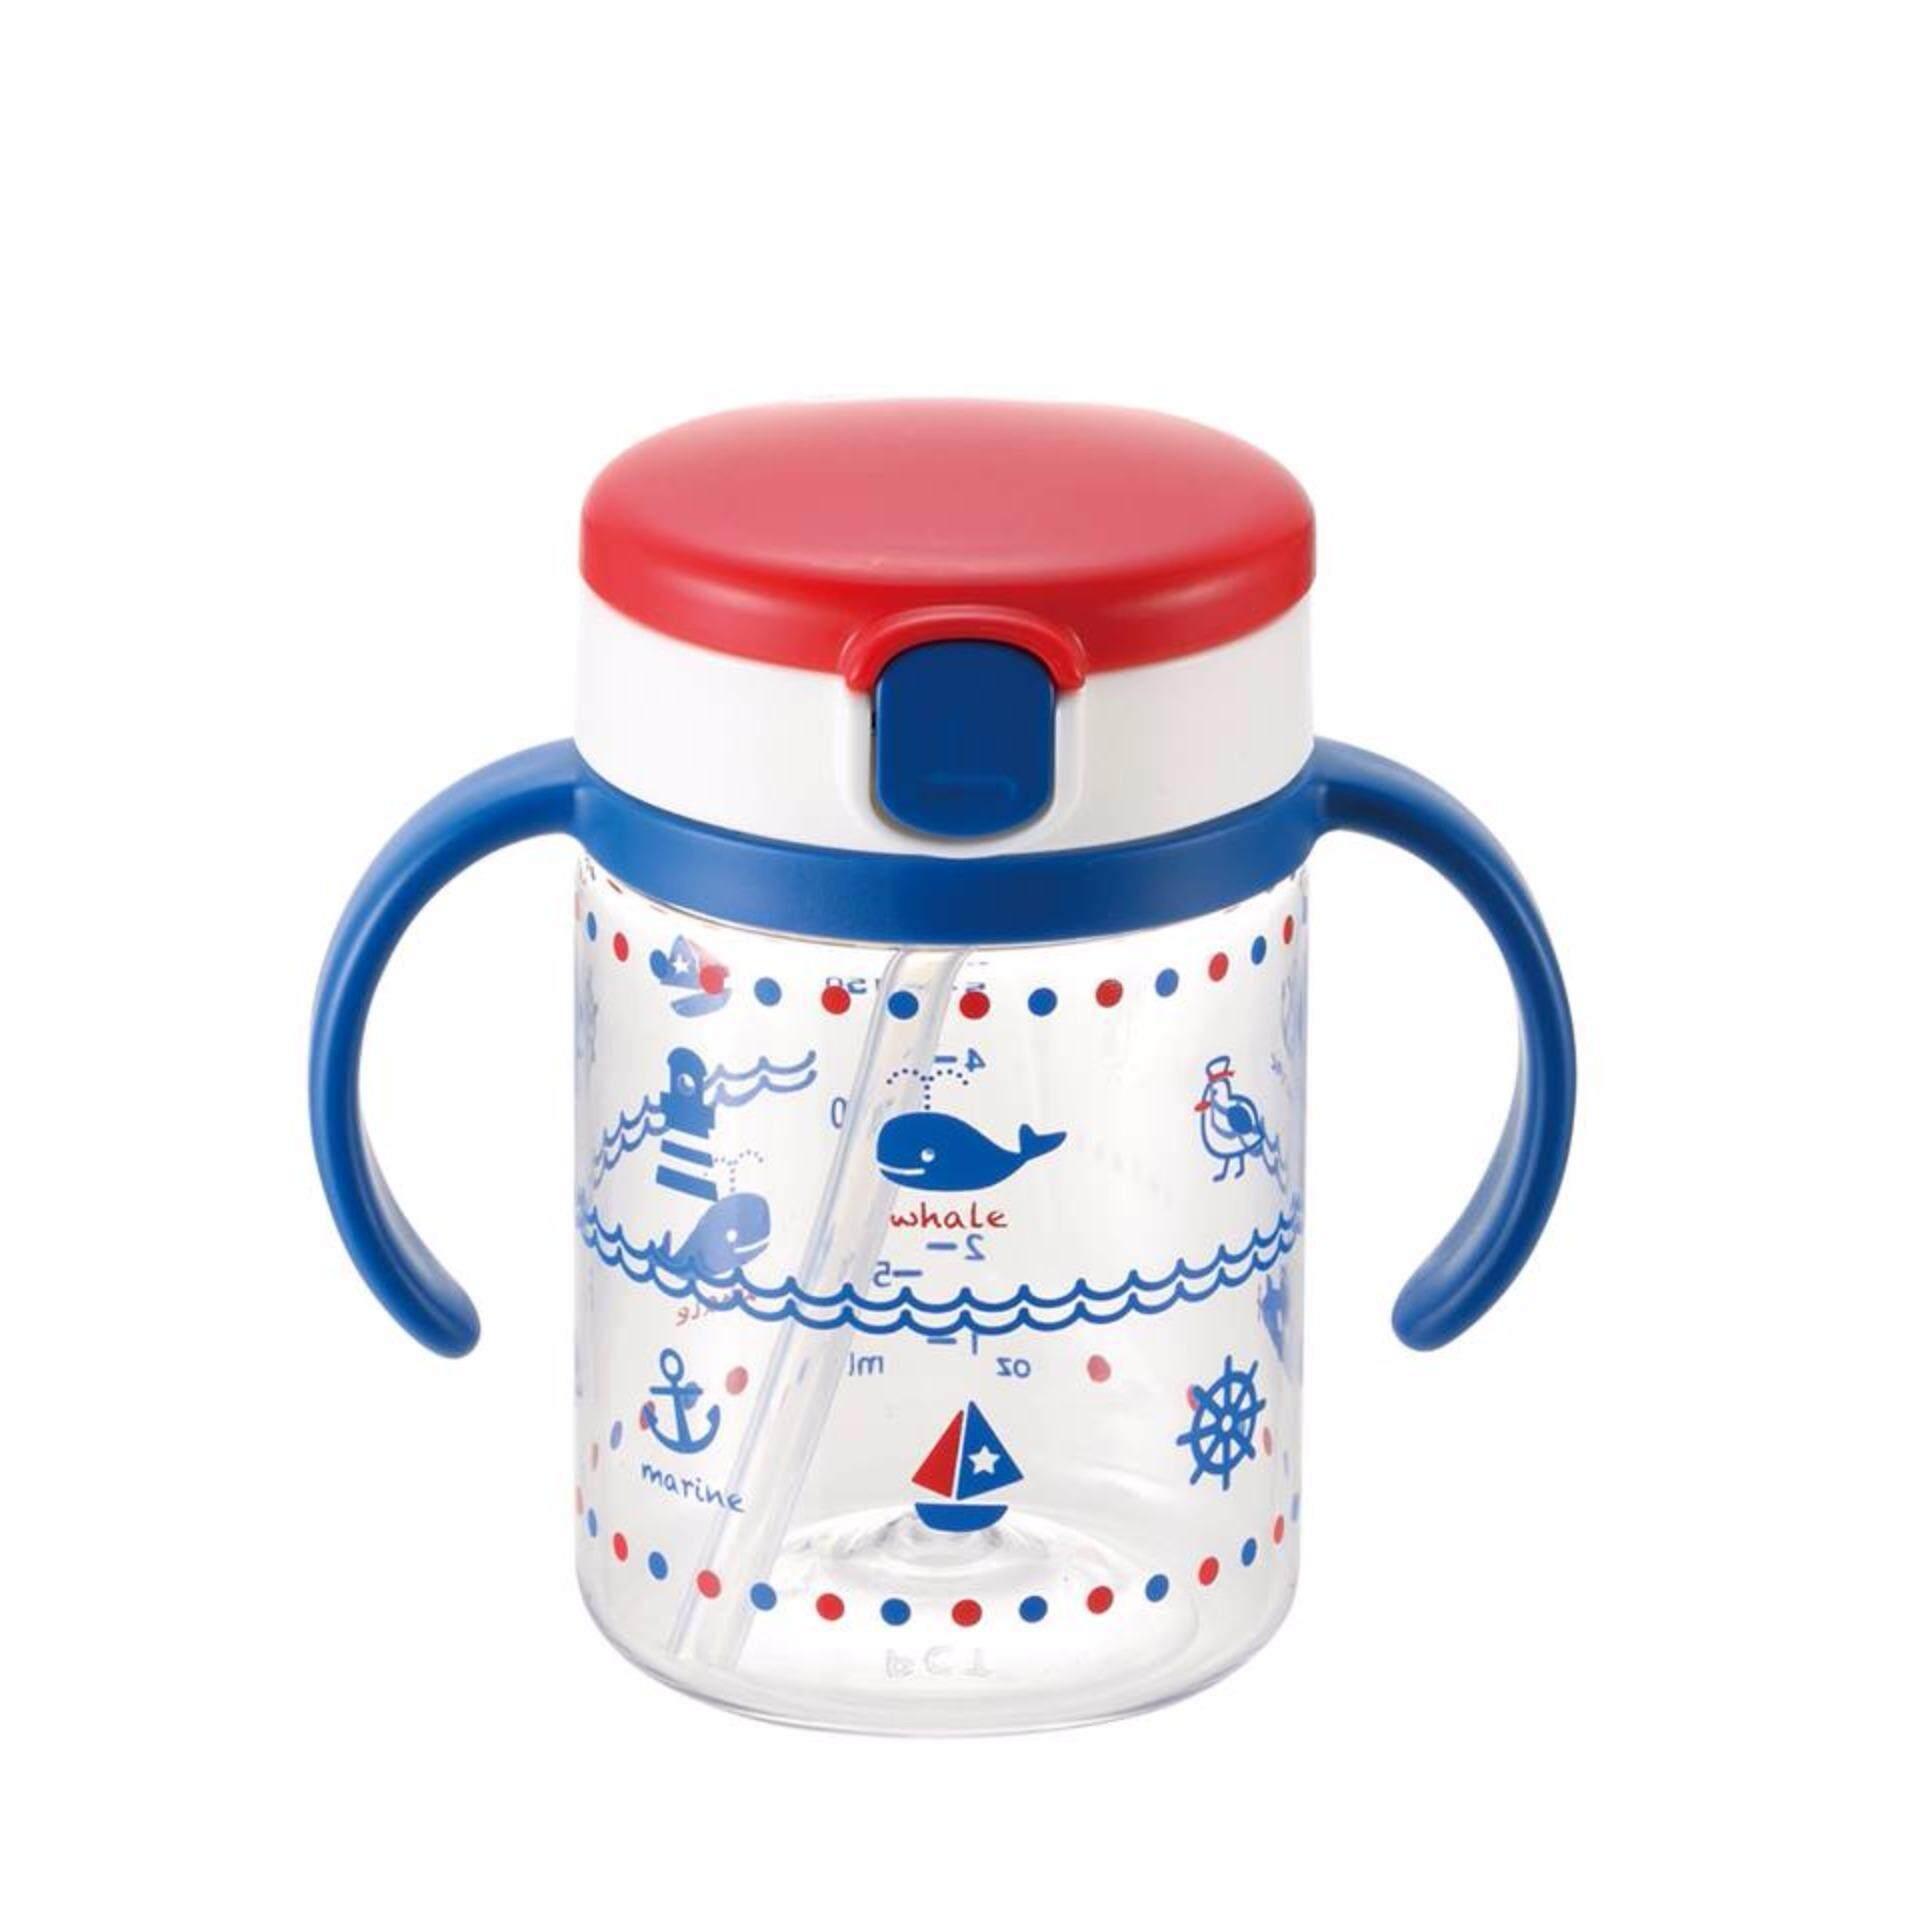 Richell แก้วหลอดดูดกันสำลักสำหรับเด็ก แก้วกันสำลักสำหรับเด็ก ถ้วยหลอดดูดกันสำลัก แก้วน้ำเด็ก